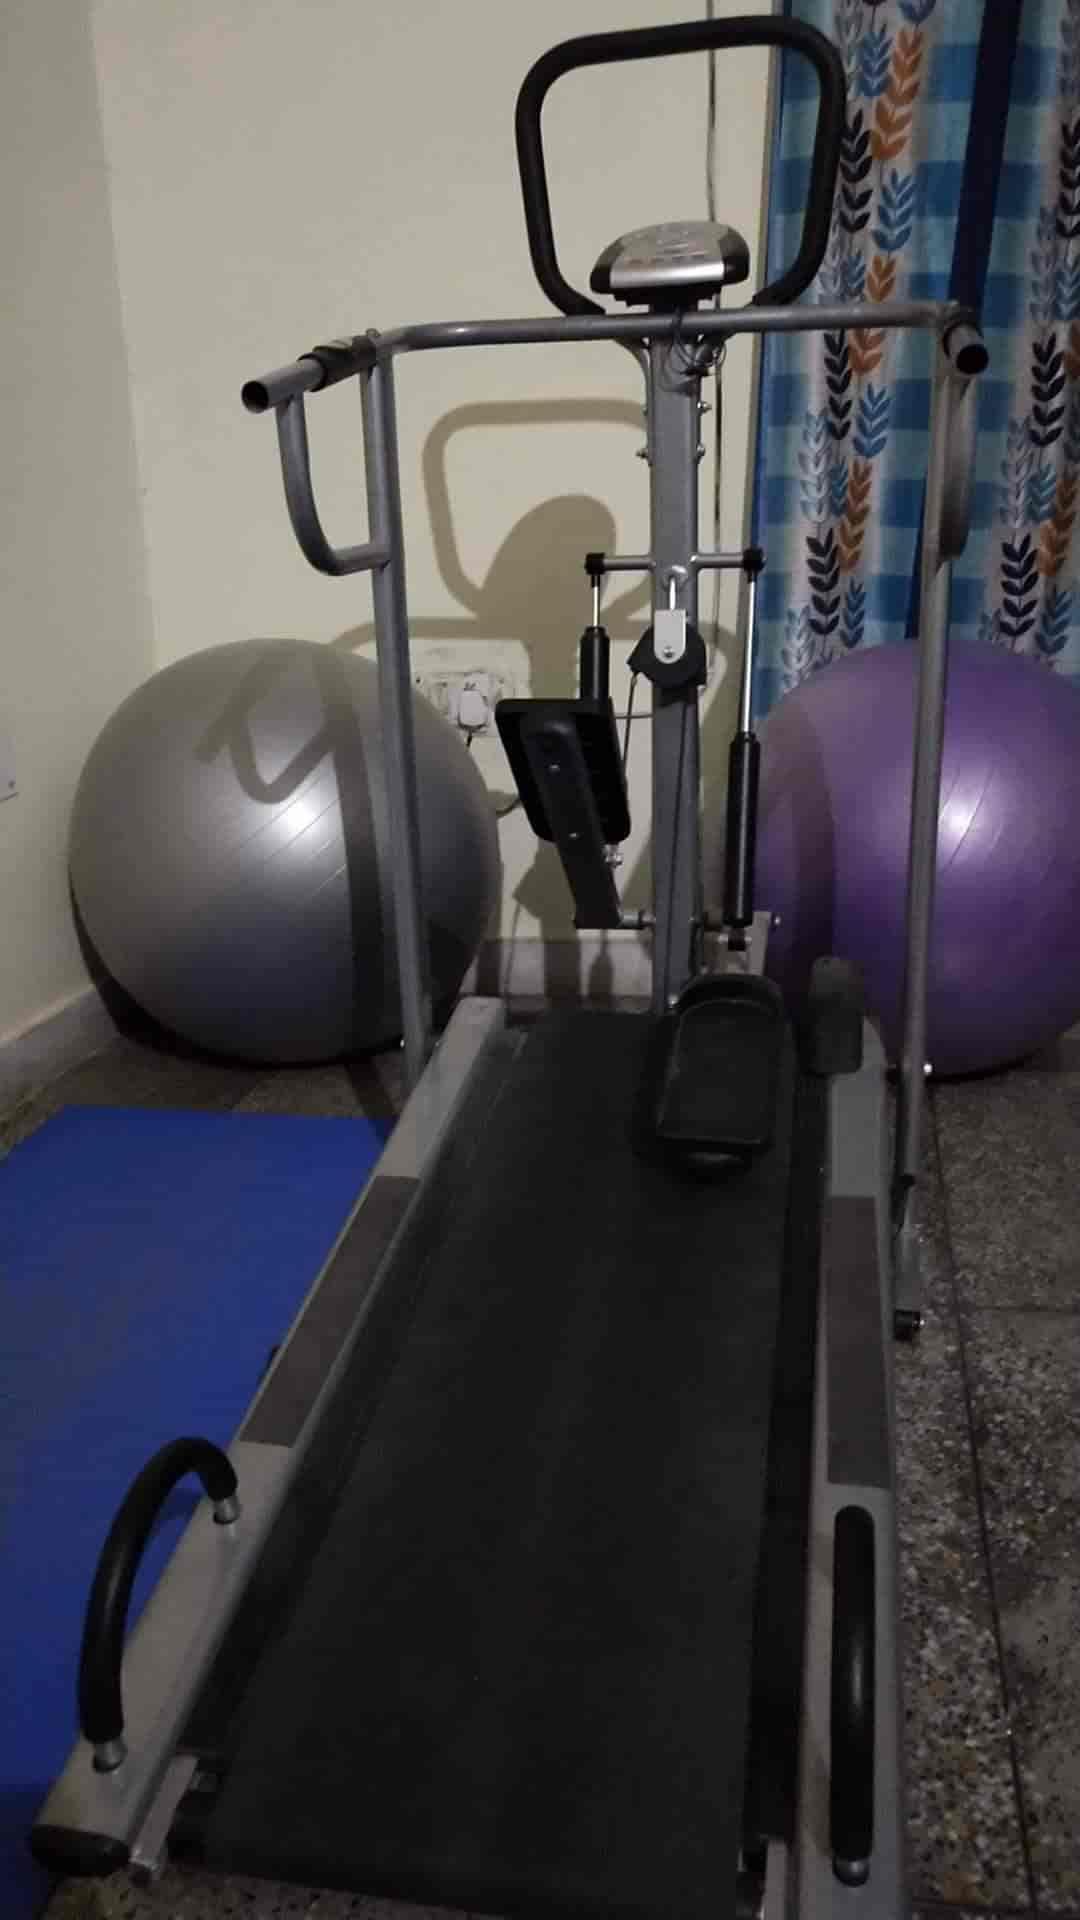 centru de slăbire în lko câteva informații despre pierderea în greutate